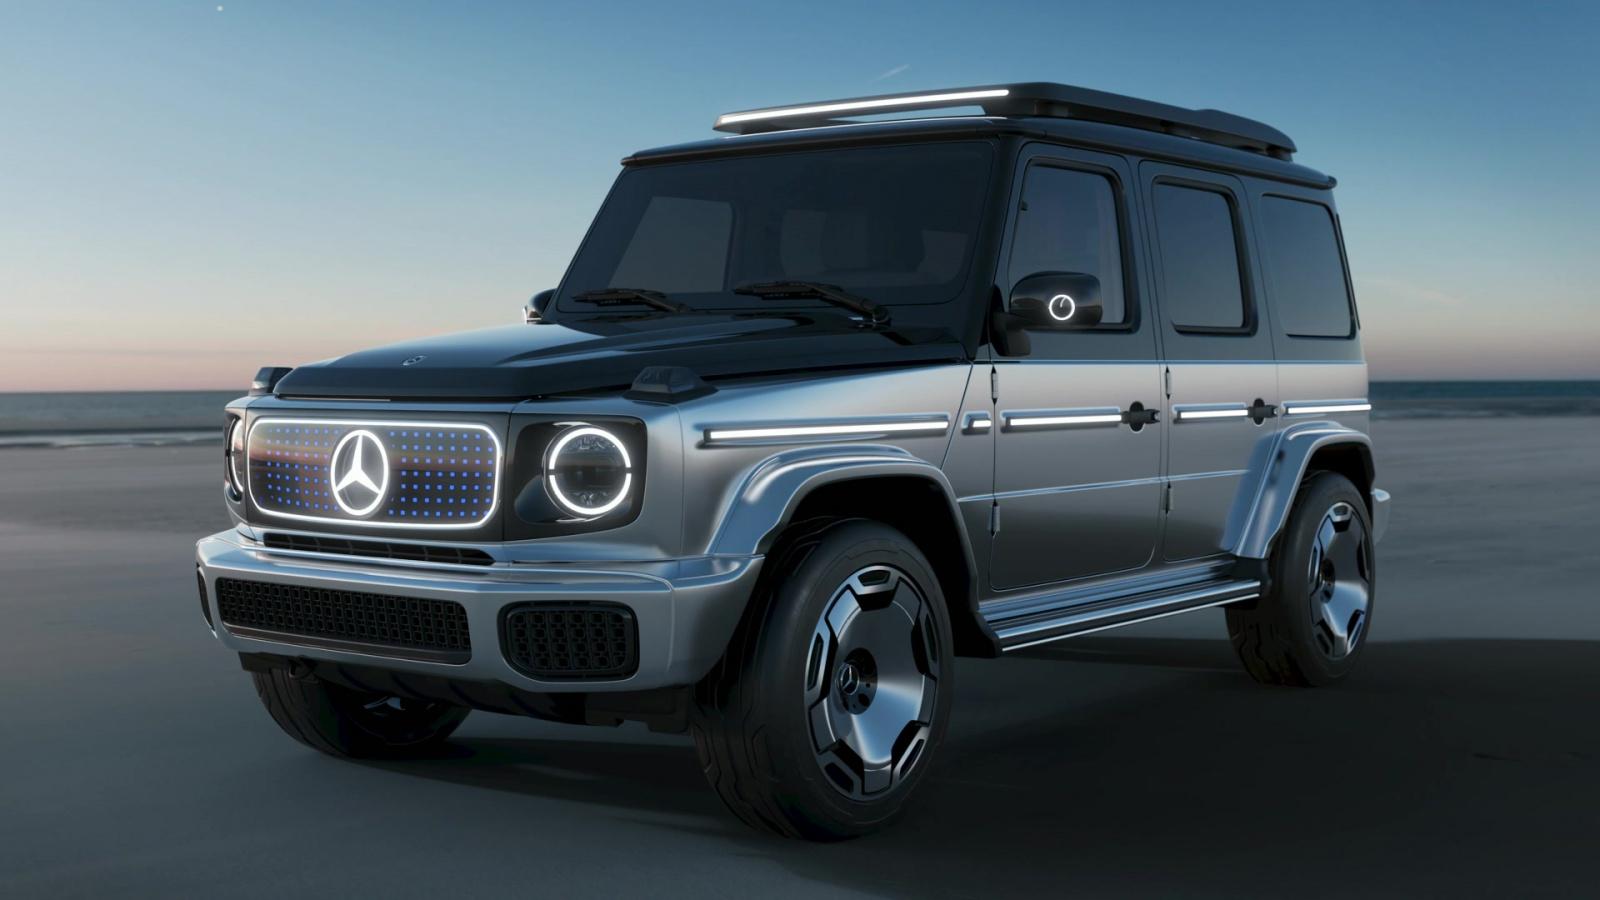 Название: 2021-09-05_Screenshot_Mercedes-Benz-at-IAA-MOBILITY-2021-49-27.jpg Просмотров: 393  Размер: 251.1 Кб